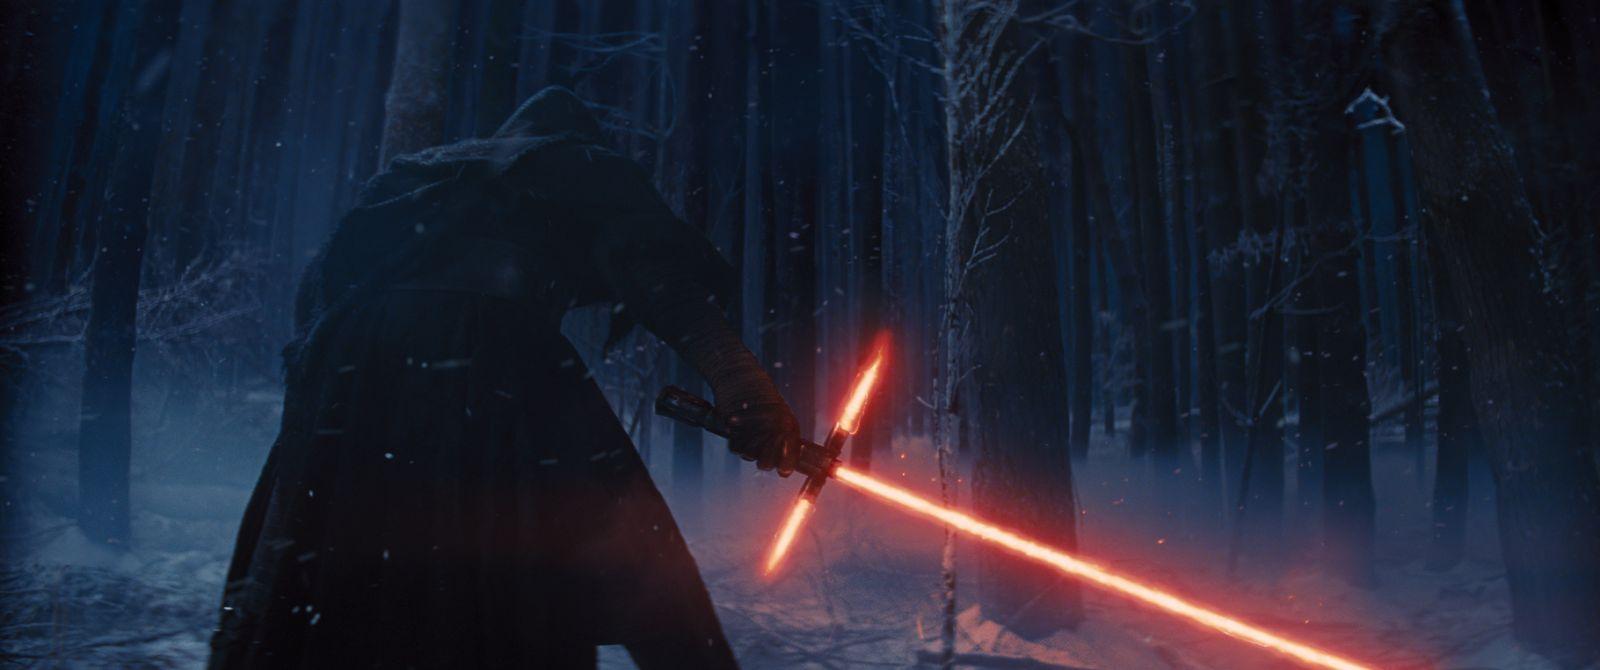 EINMALIGE VERWENDUNG Kino/ Star Wars: Das Erwachen der Macht/ Episode 7/ VID